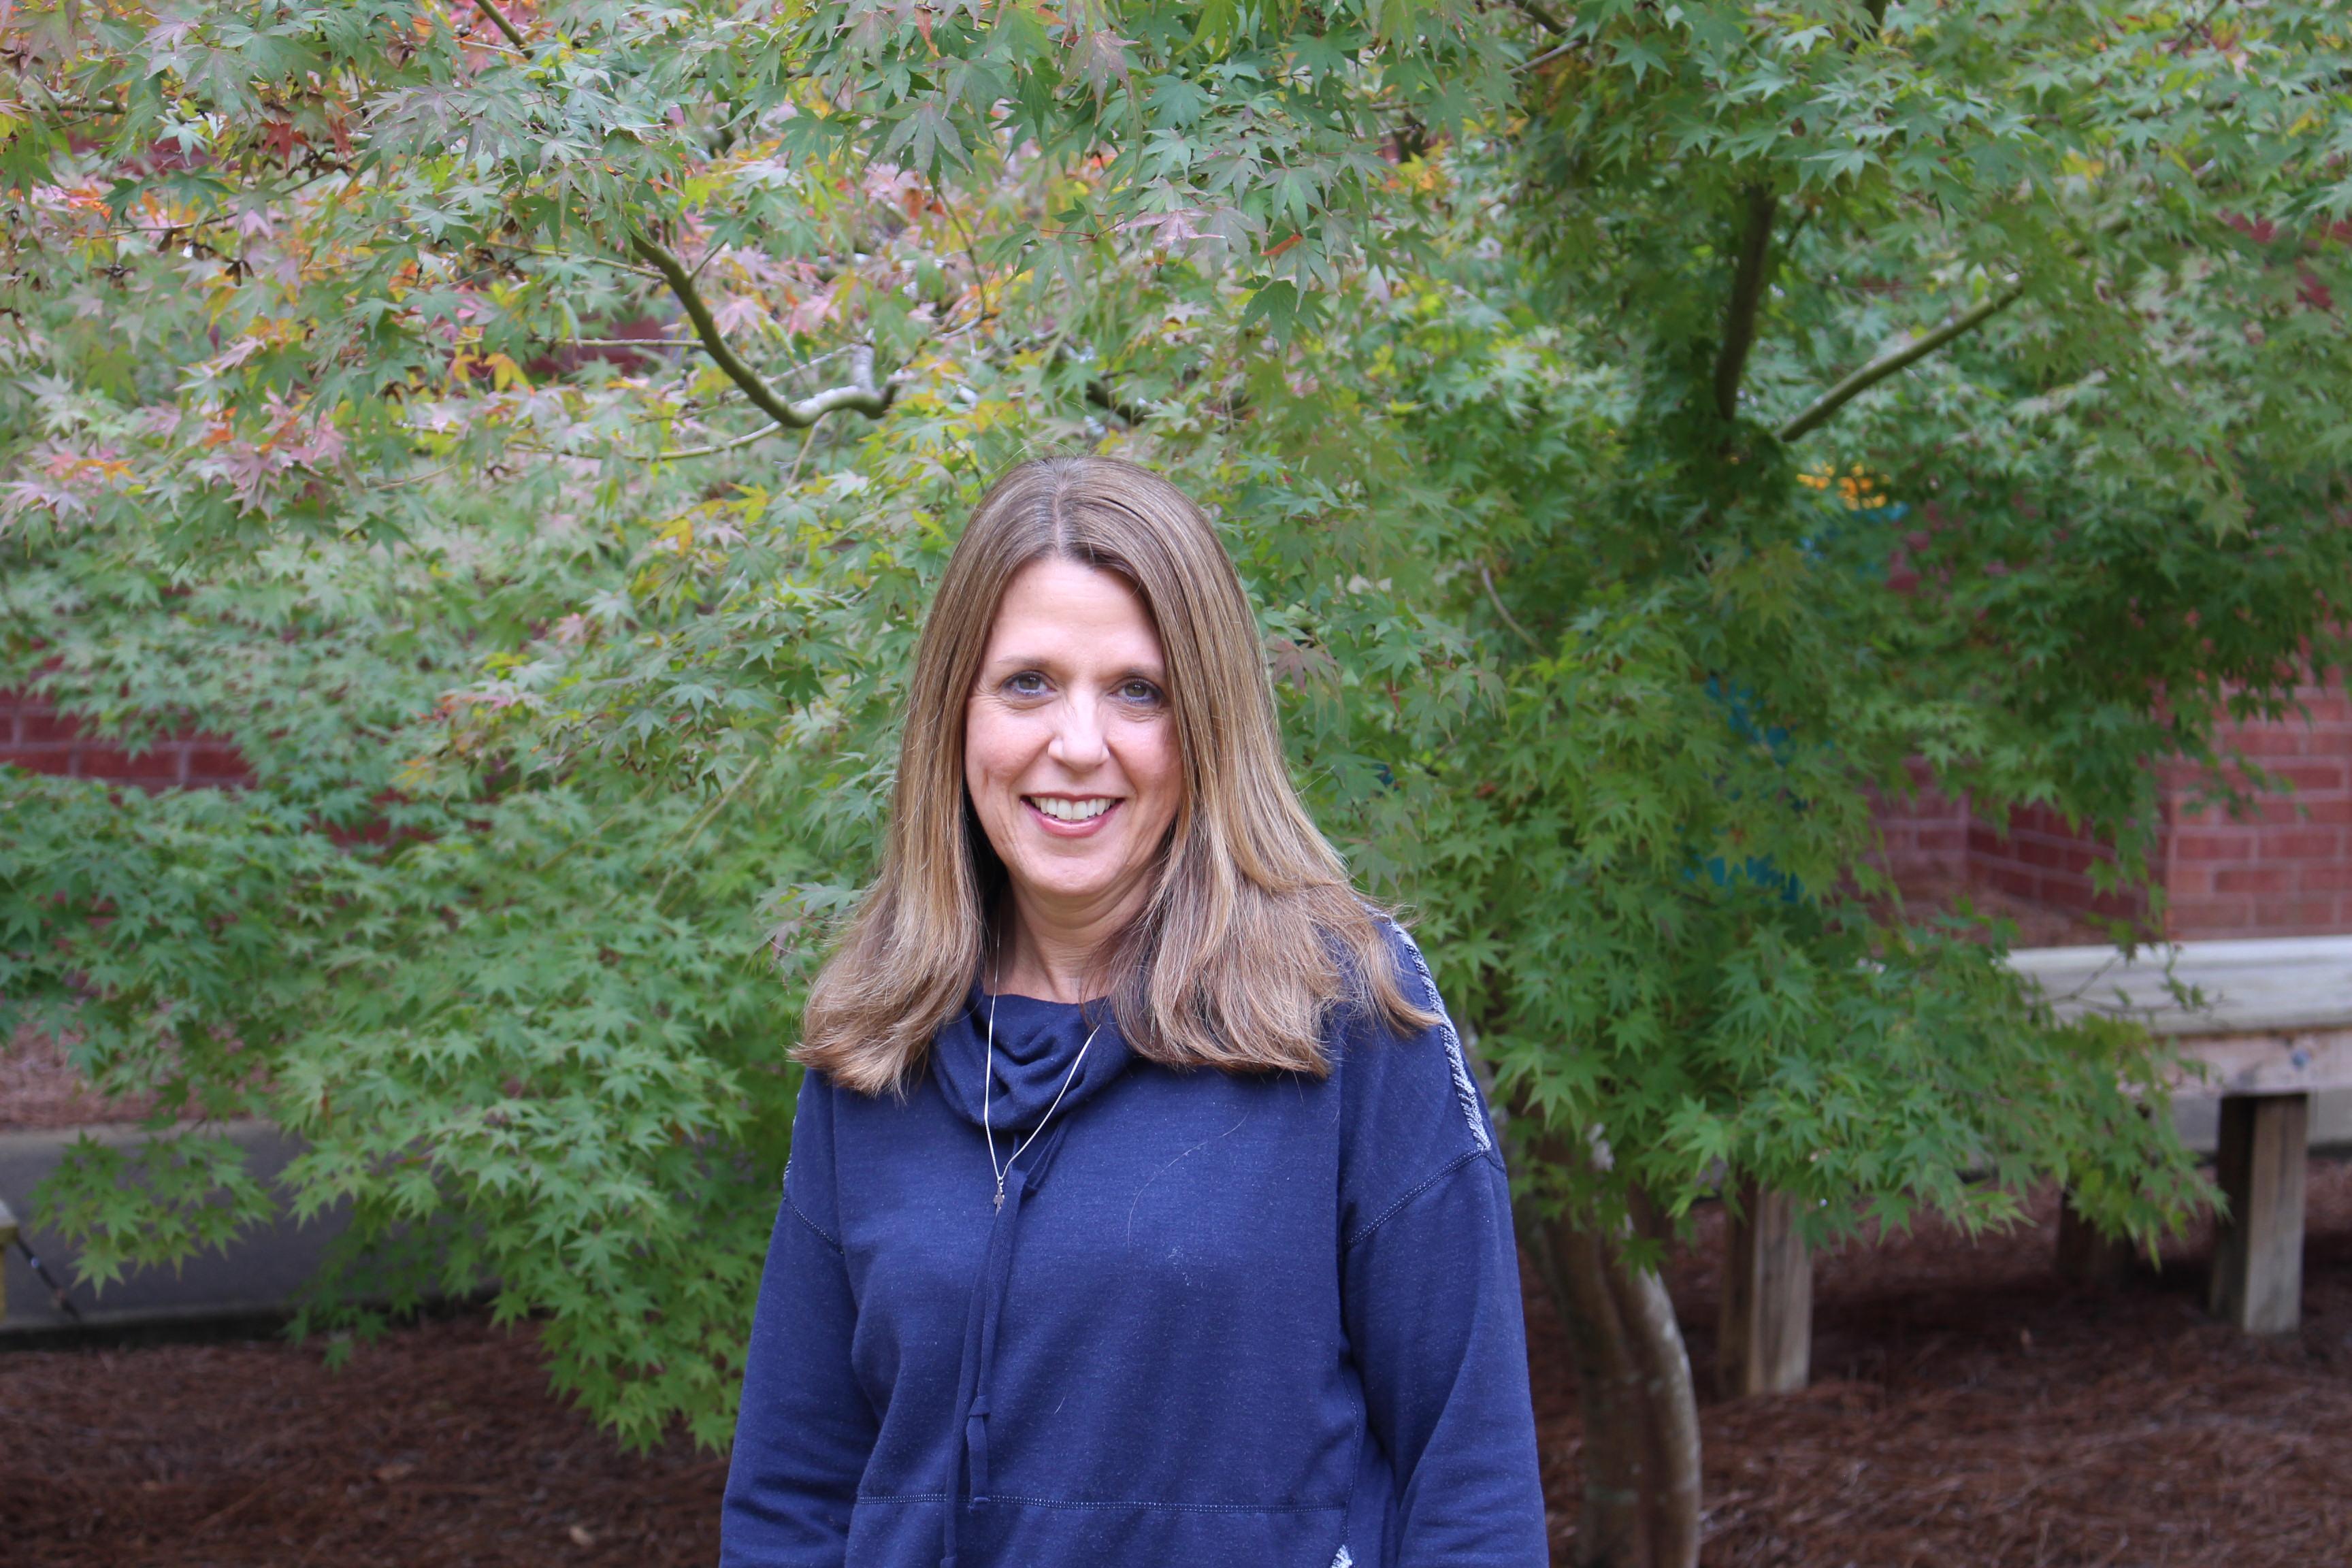 Sharon Baroody